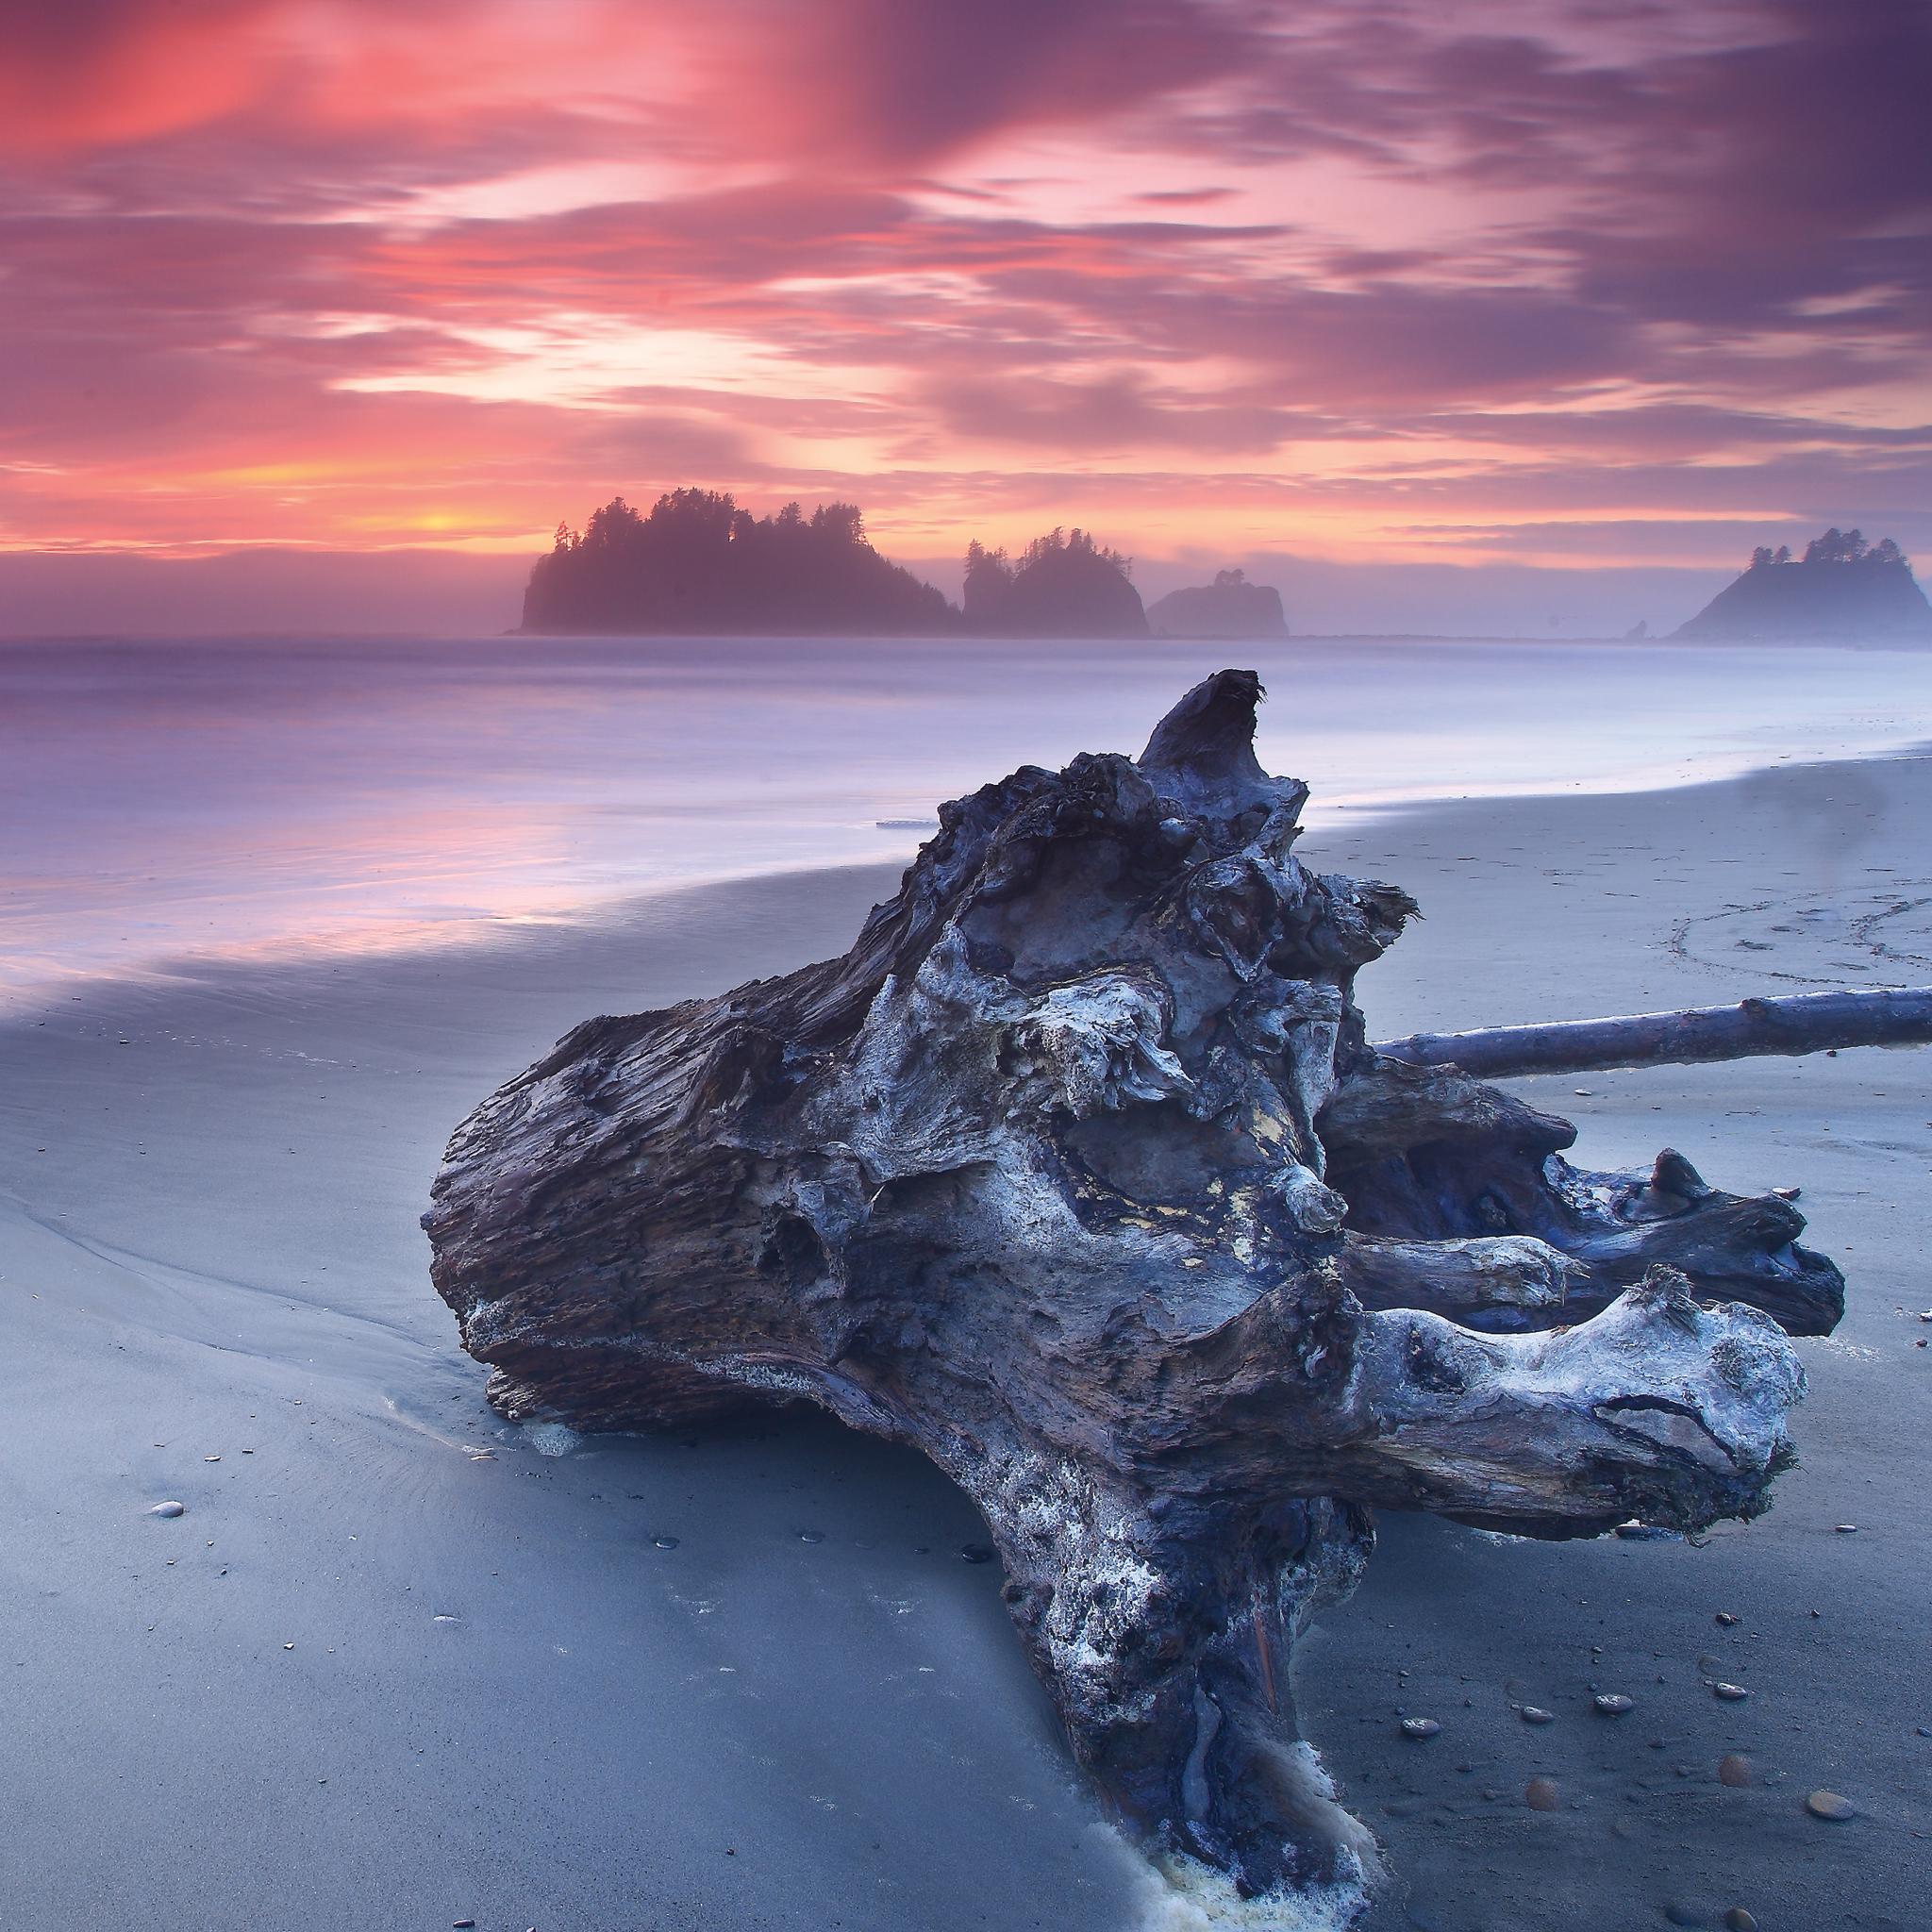 Wood-on-the-Beach